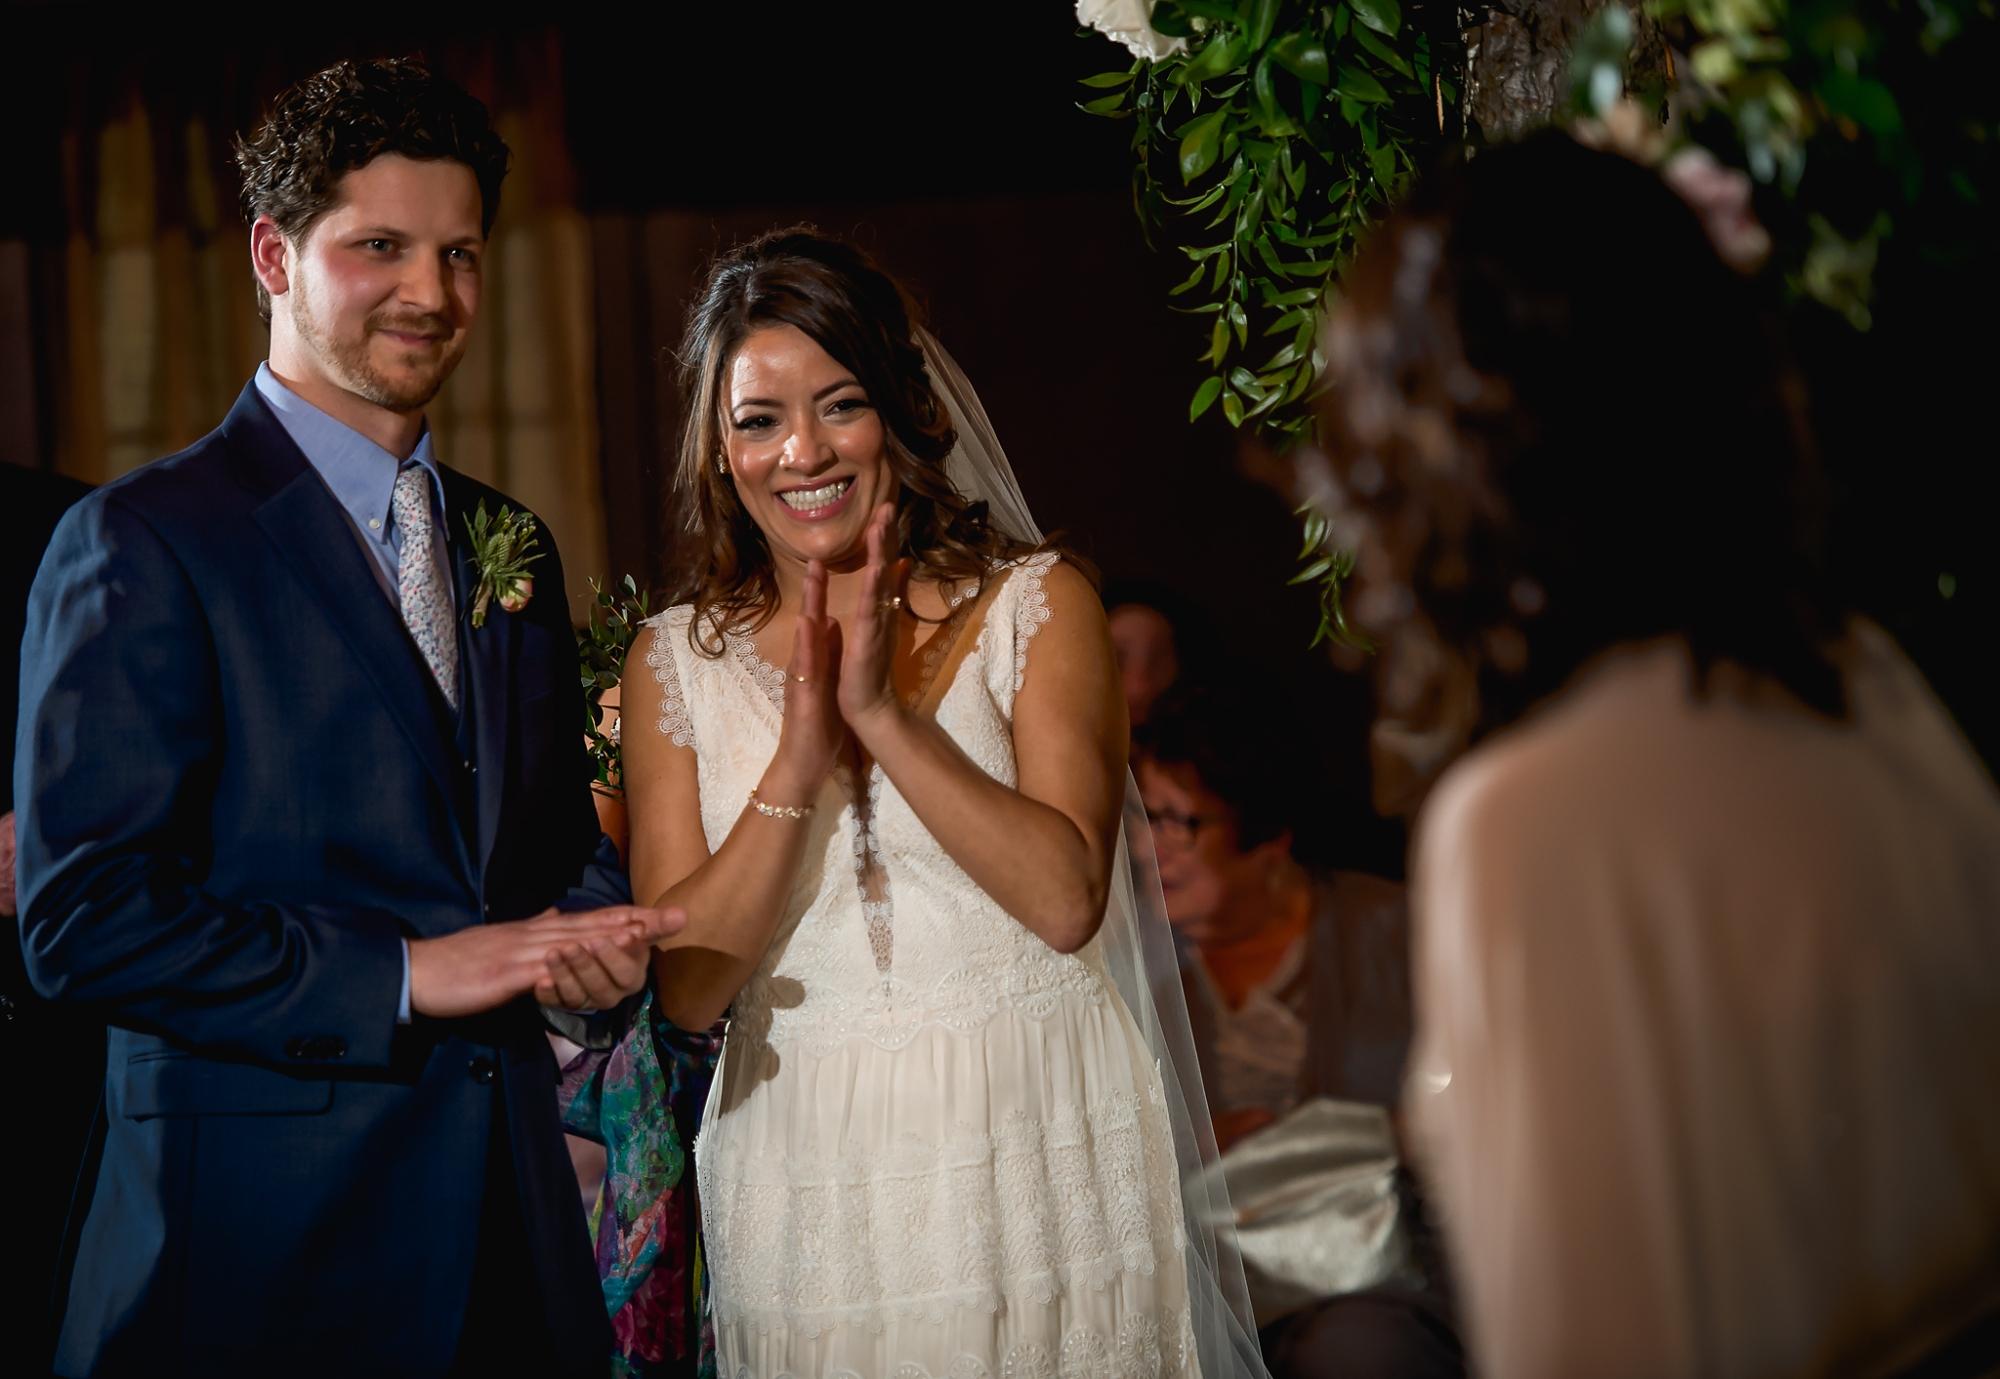 Jacks-Barn-Wedding-Photography30